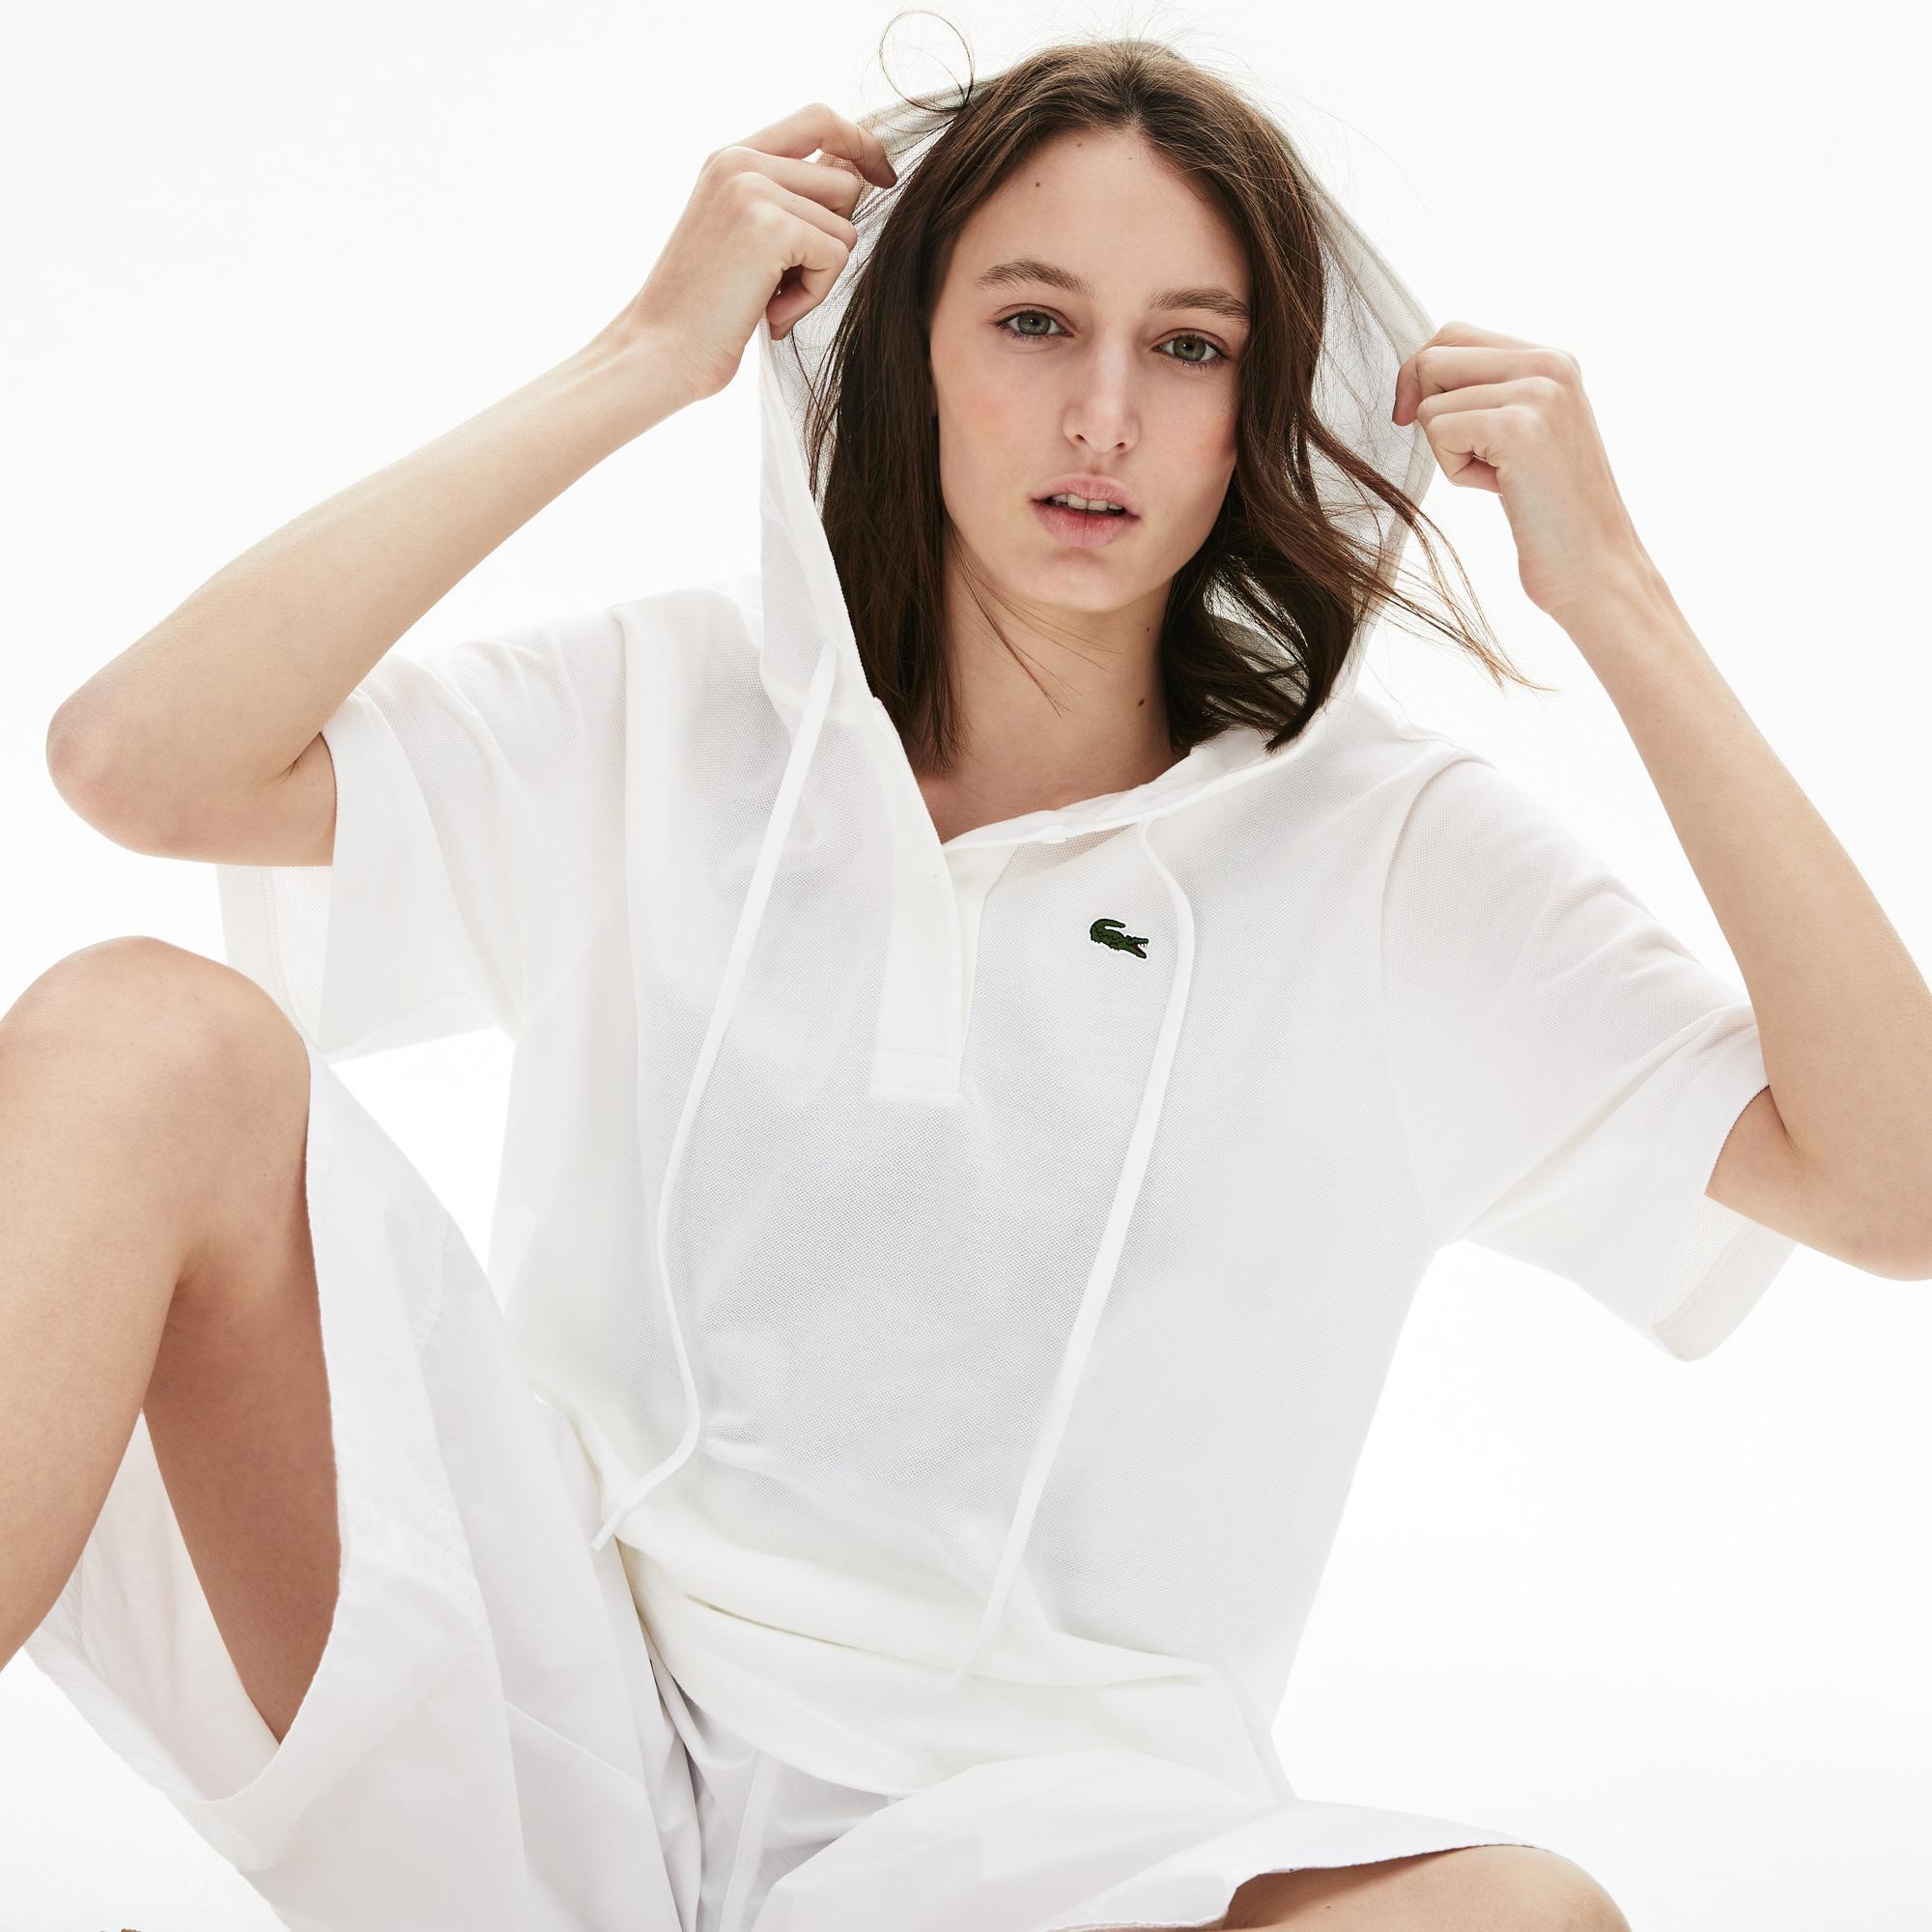 Lacoste Kadın Kapüşonlu Kısa Kollu Beyaz Polo